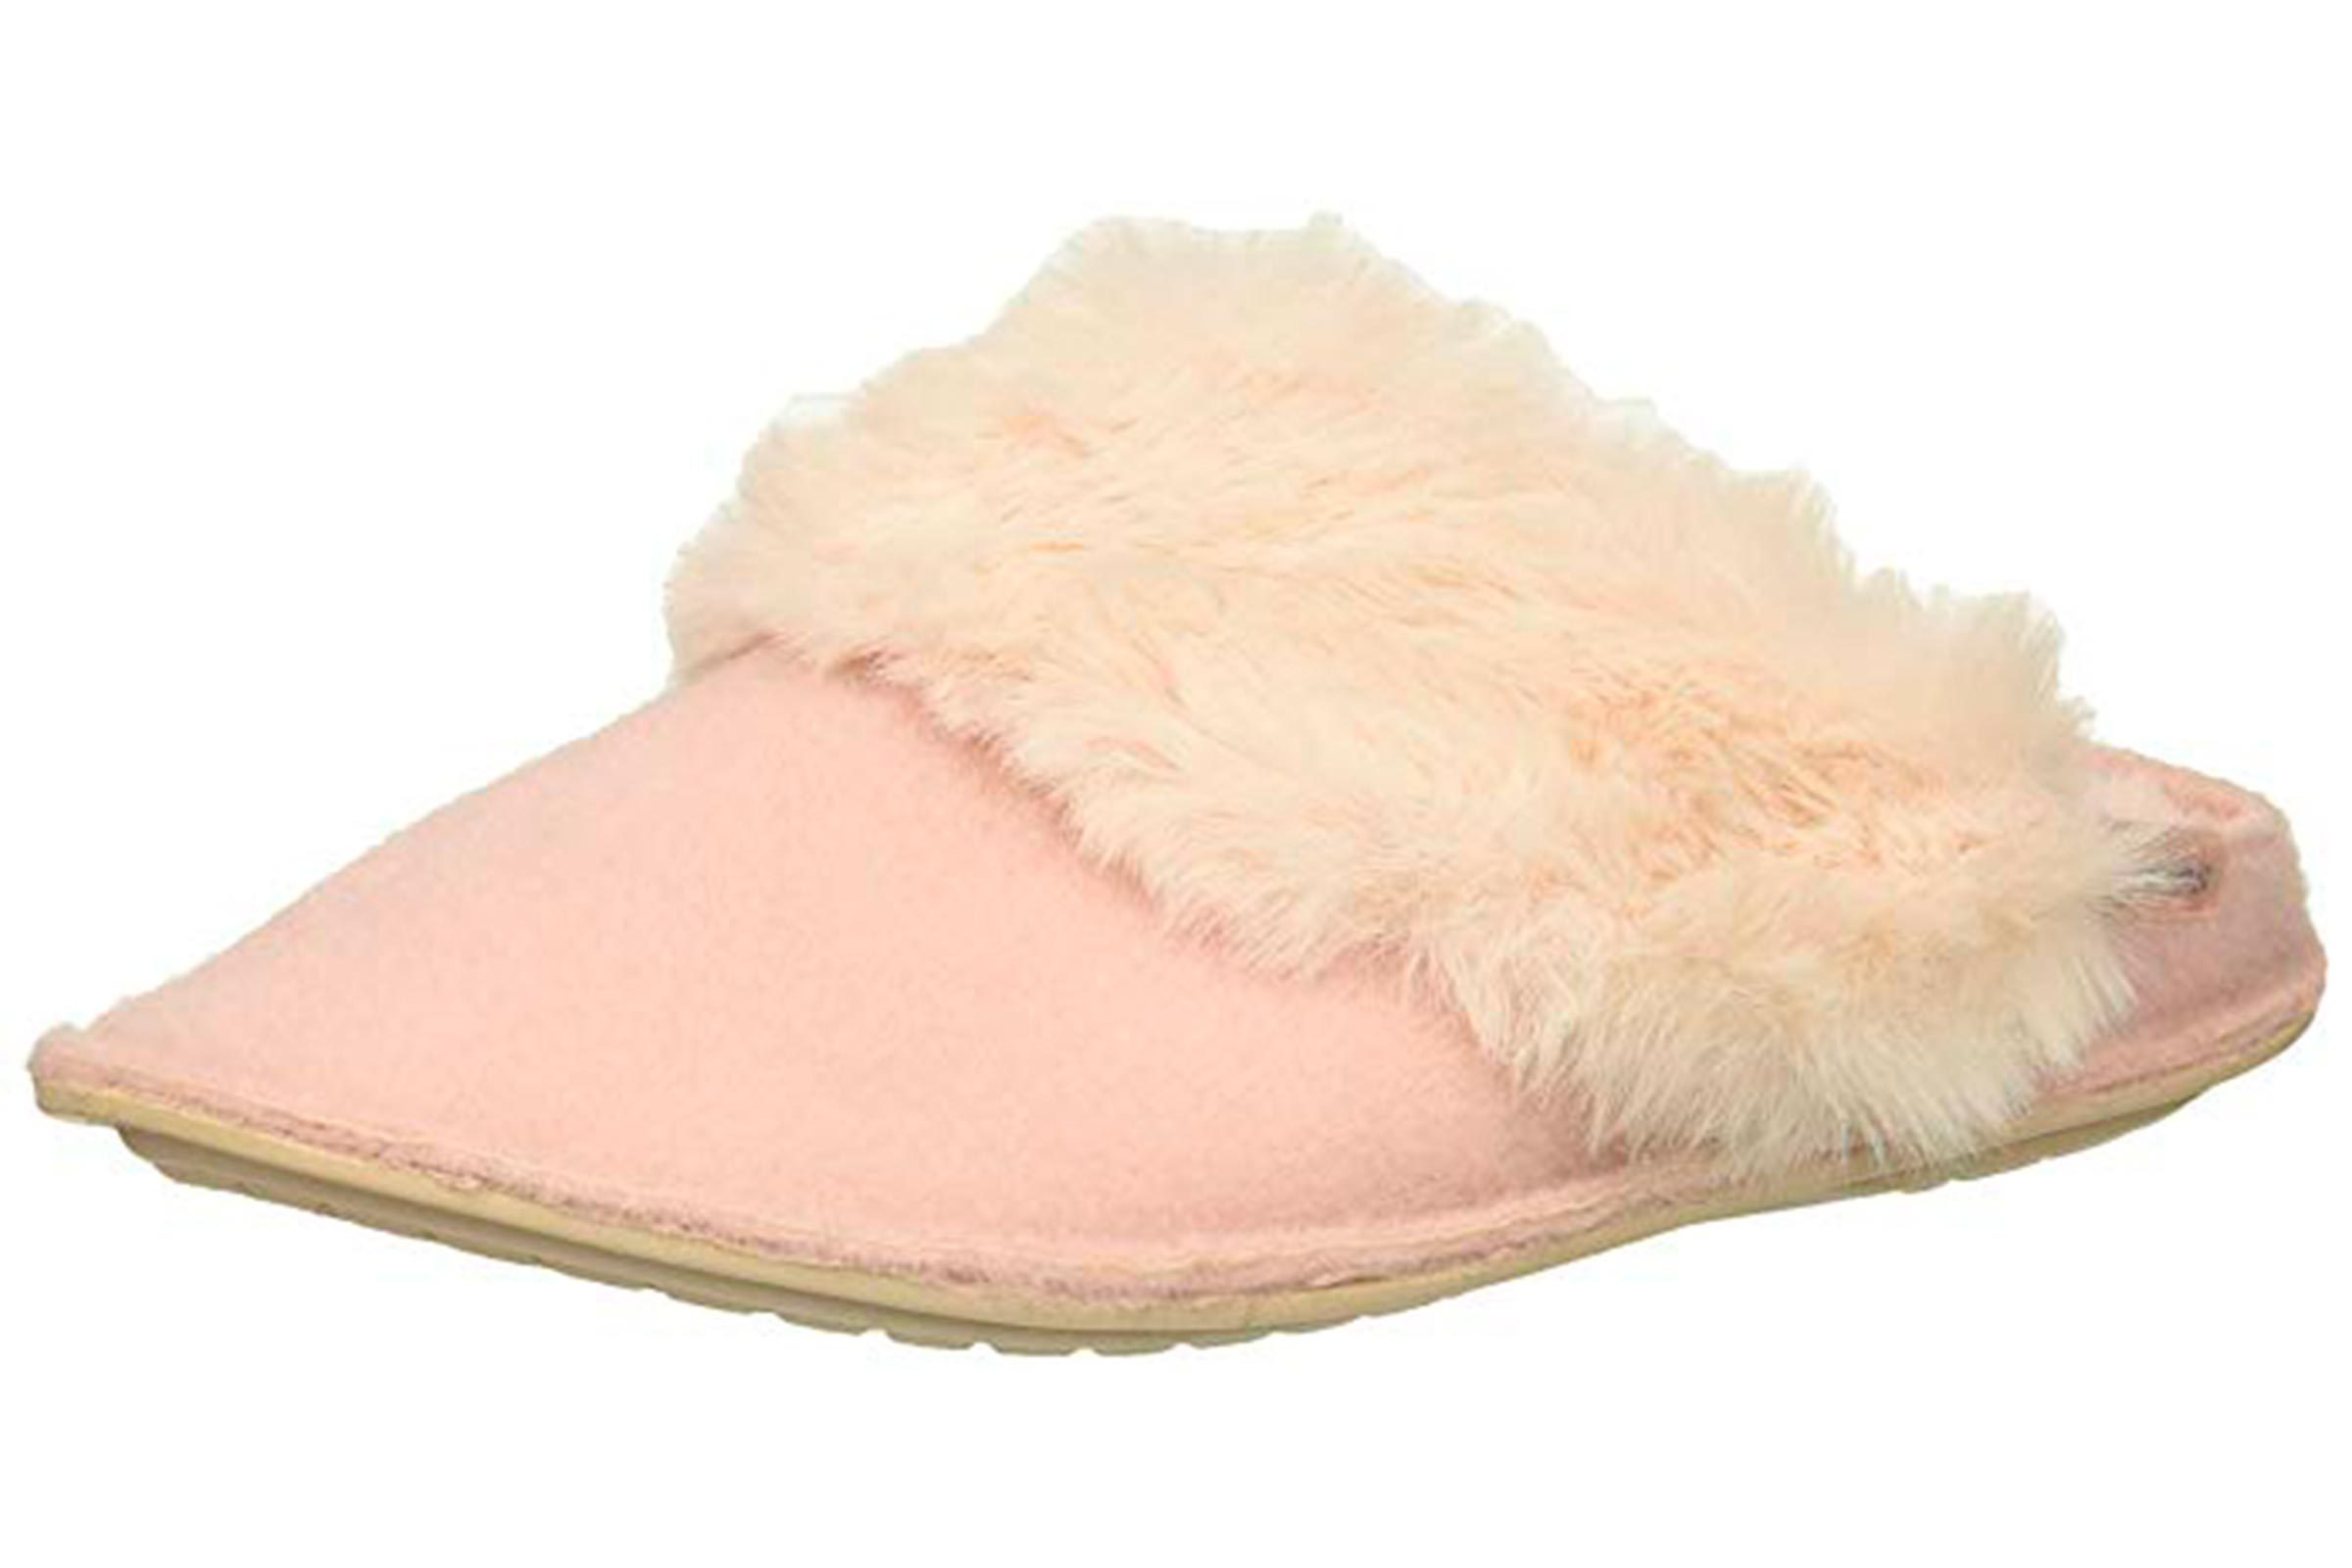 Crocs womens slippers